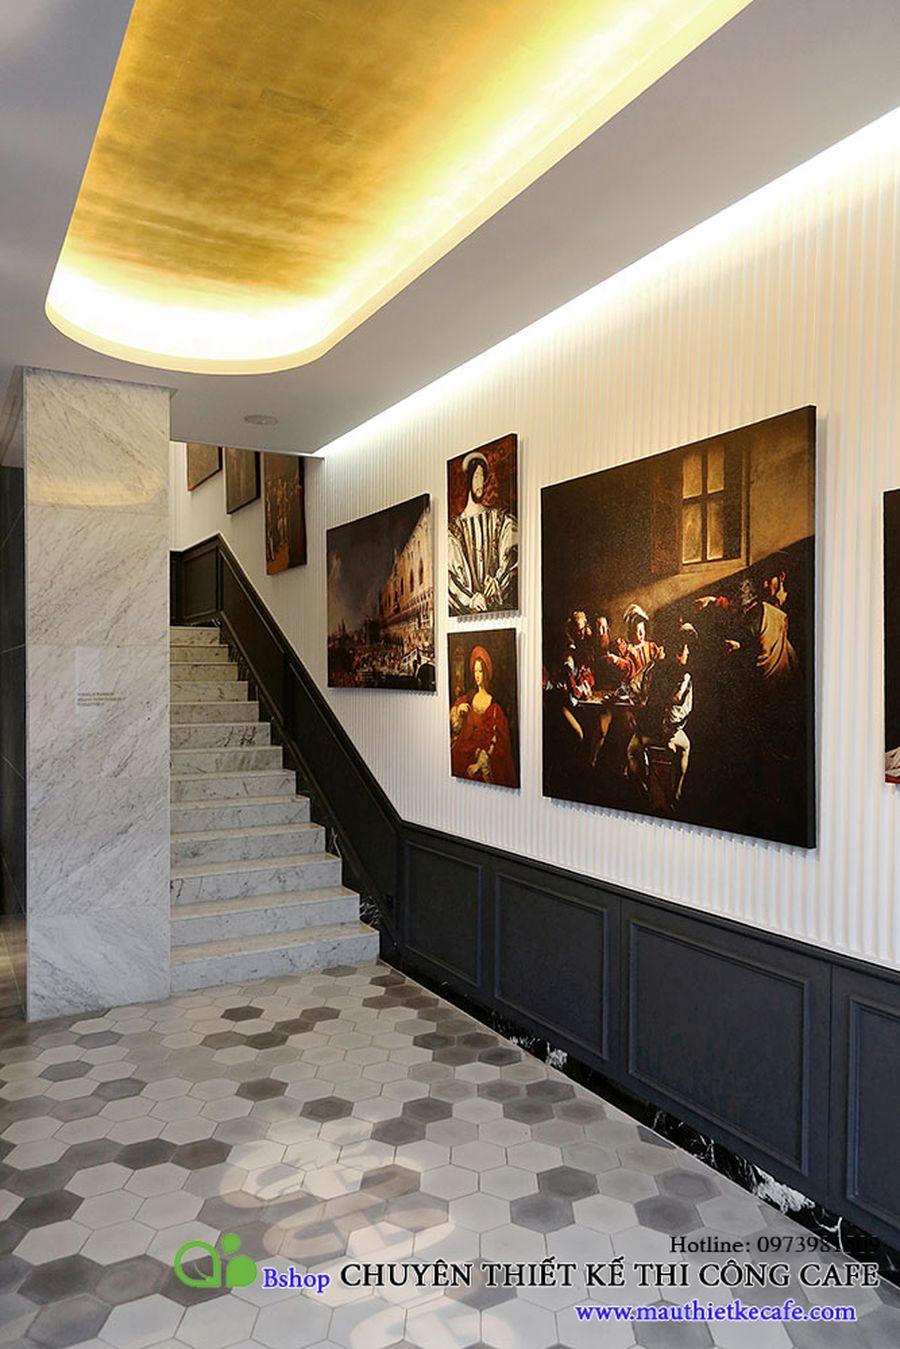 cafe Sforza-Visconti sang trong trong long almaz (6)mauthietkecafe.com